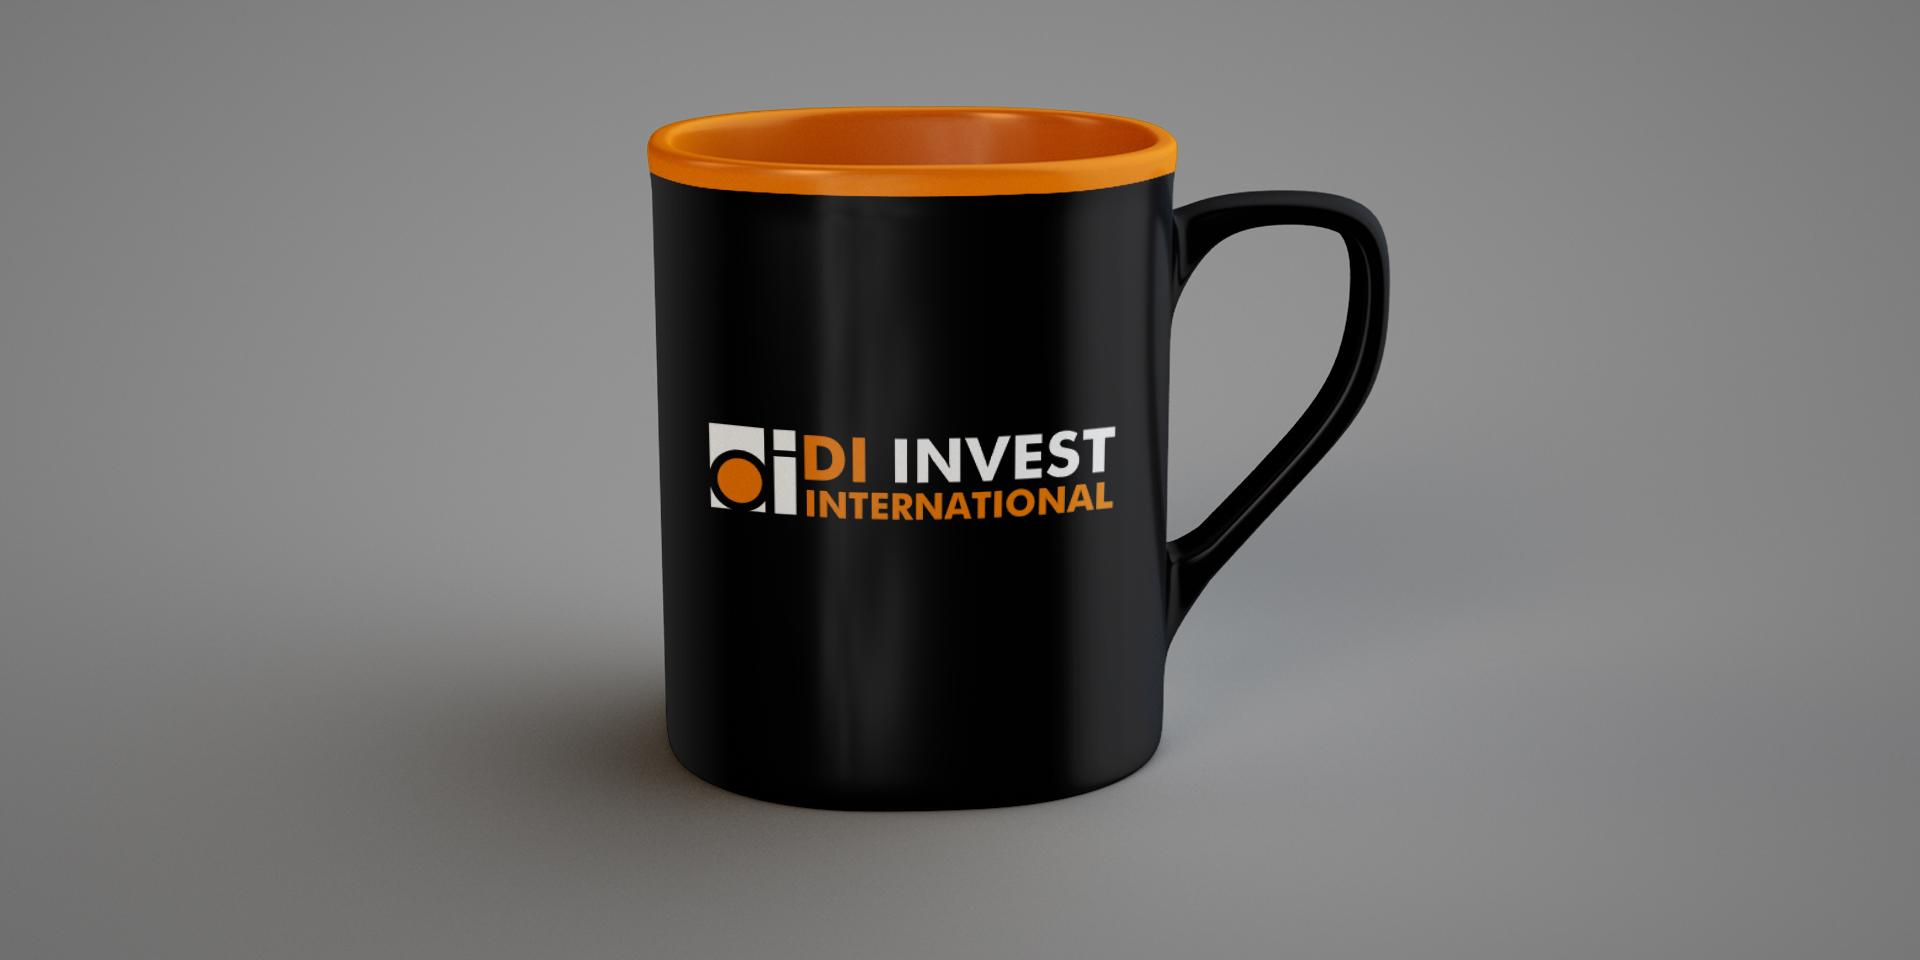 брандирана чаша ди инвест интернешенел